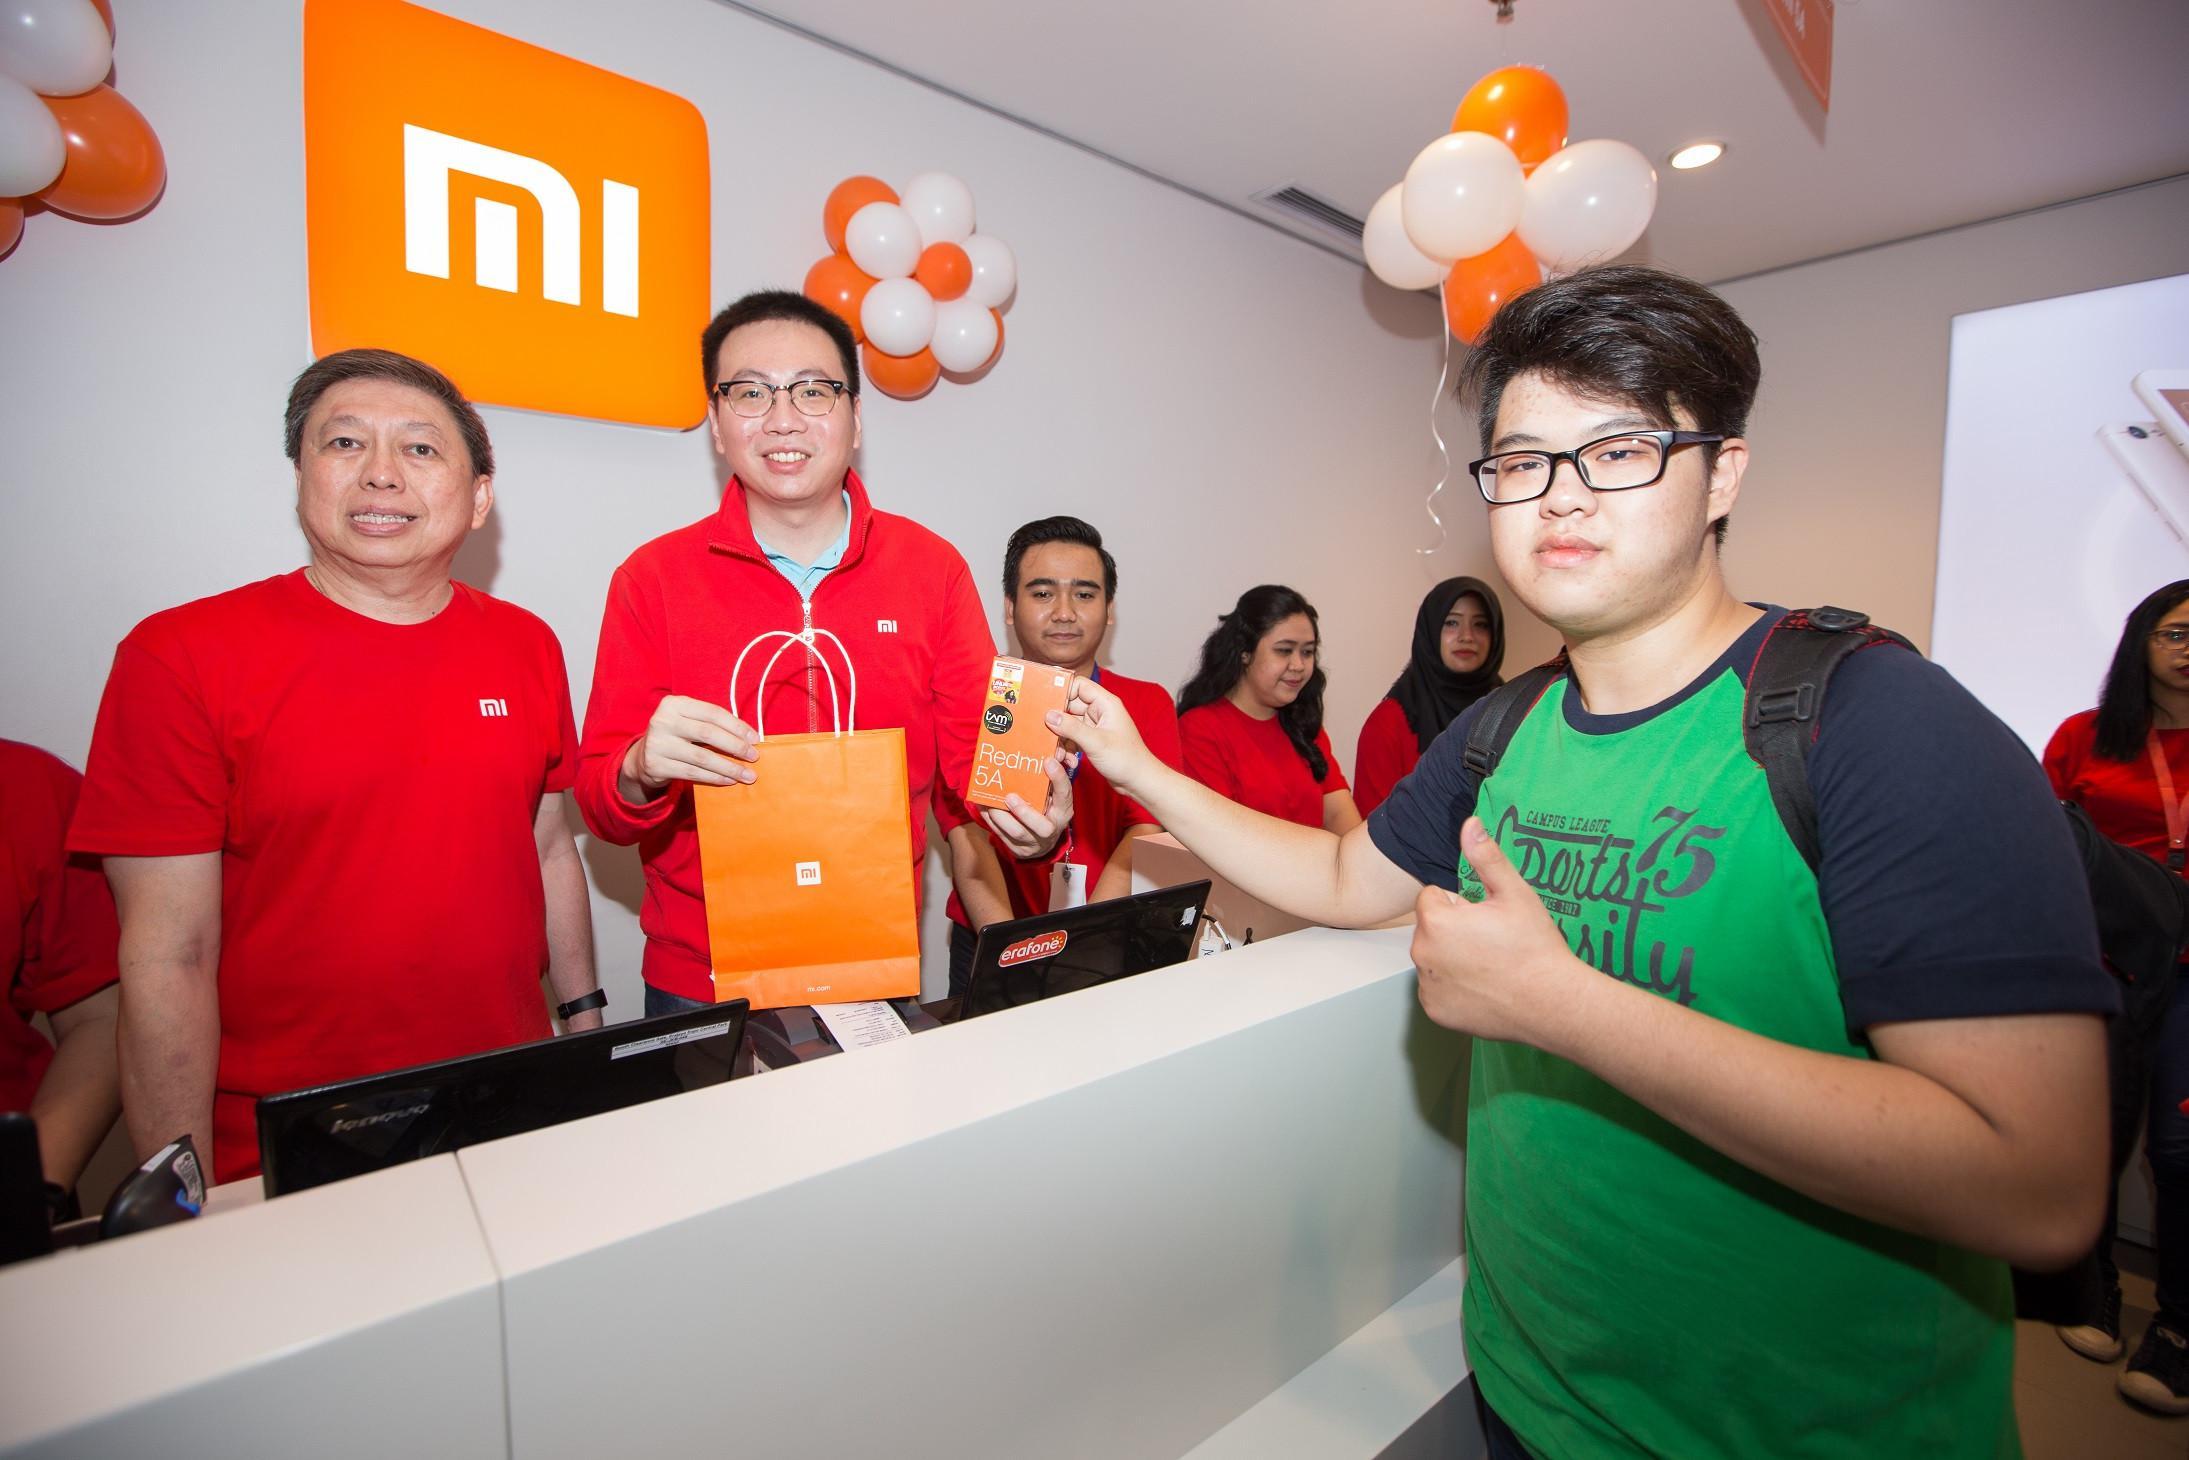 Head of Xiaomi South Pacific Region Steven Shi and Xiaomi Indonesia Country Manager (kiri) bersama Hasan Aula, CEO Erajaya Group melayani beberapa pelanggan pertama yang hadir pada pembukaan Mi Store MKG (Foto: Dok Xiaomi Indonesia)